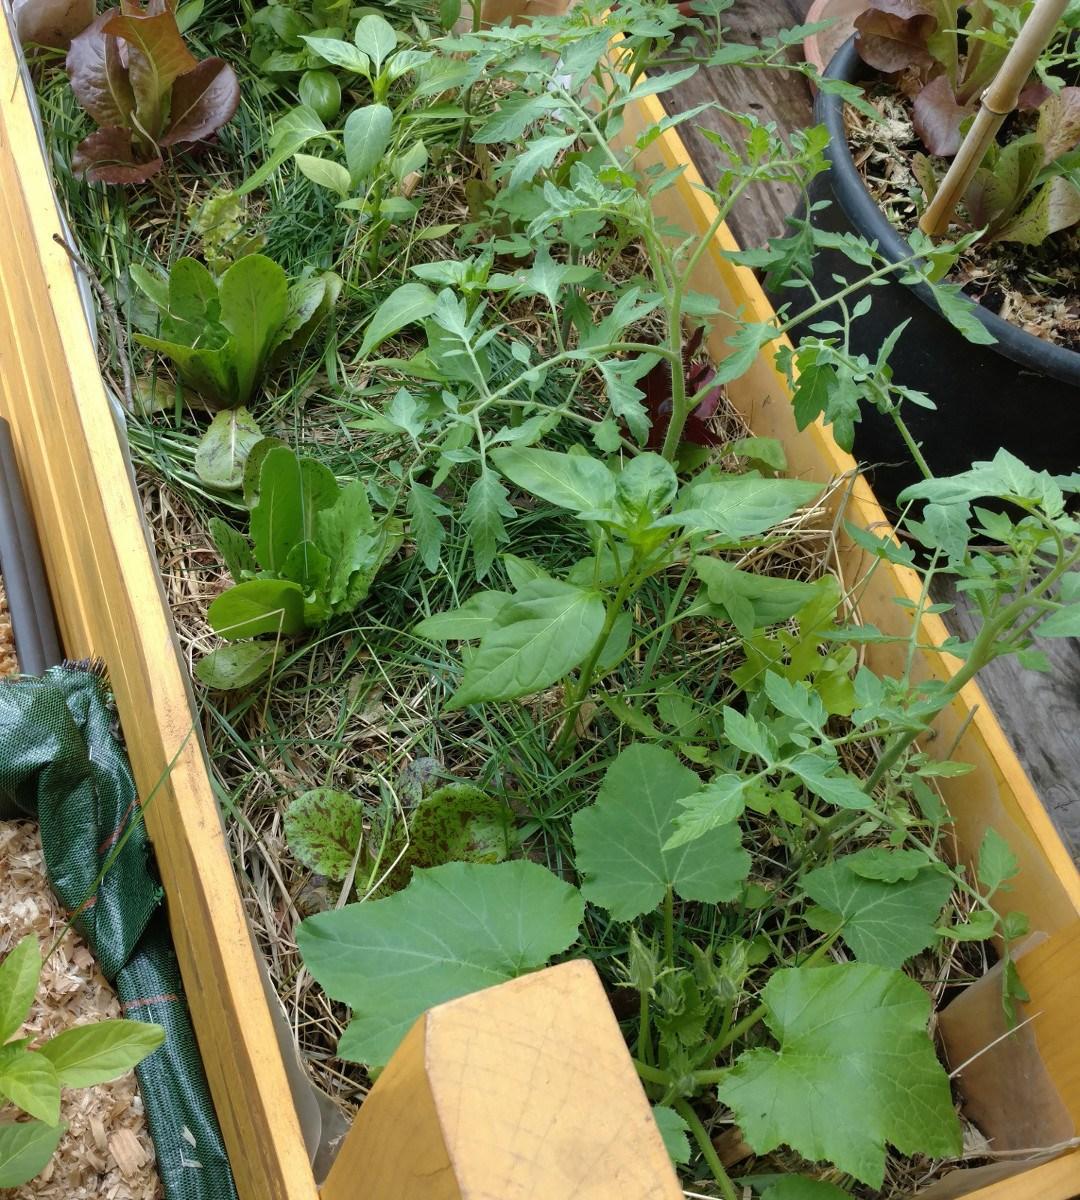 Jardinière plantée, tomate, poivron, laitue